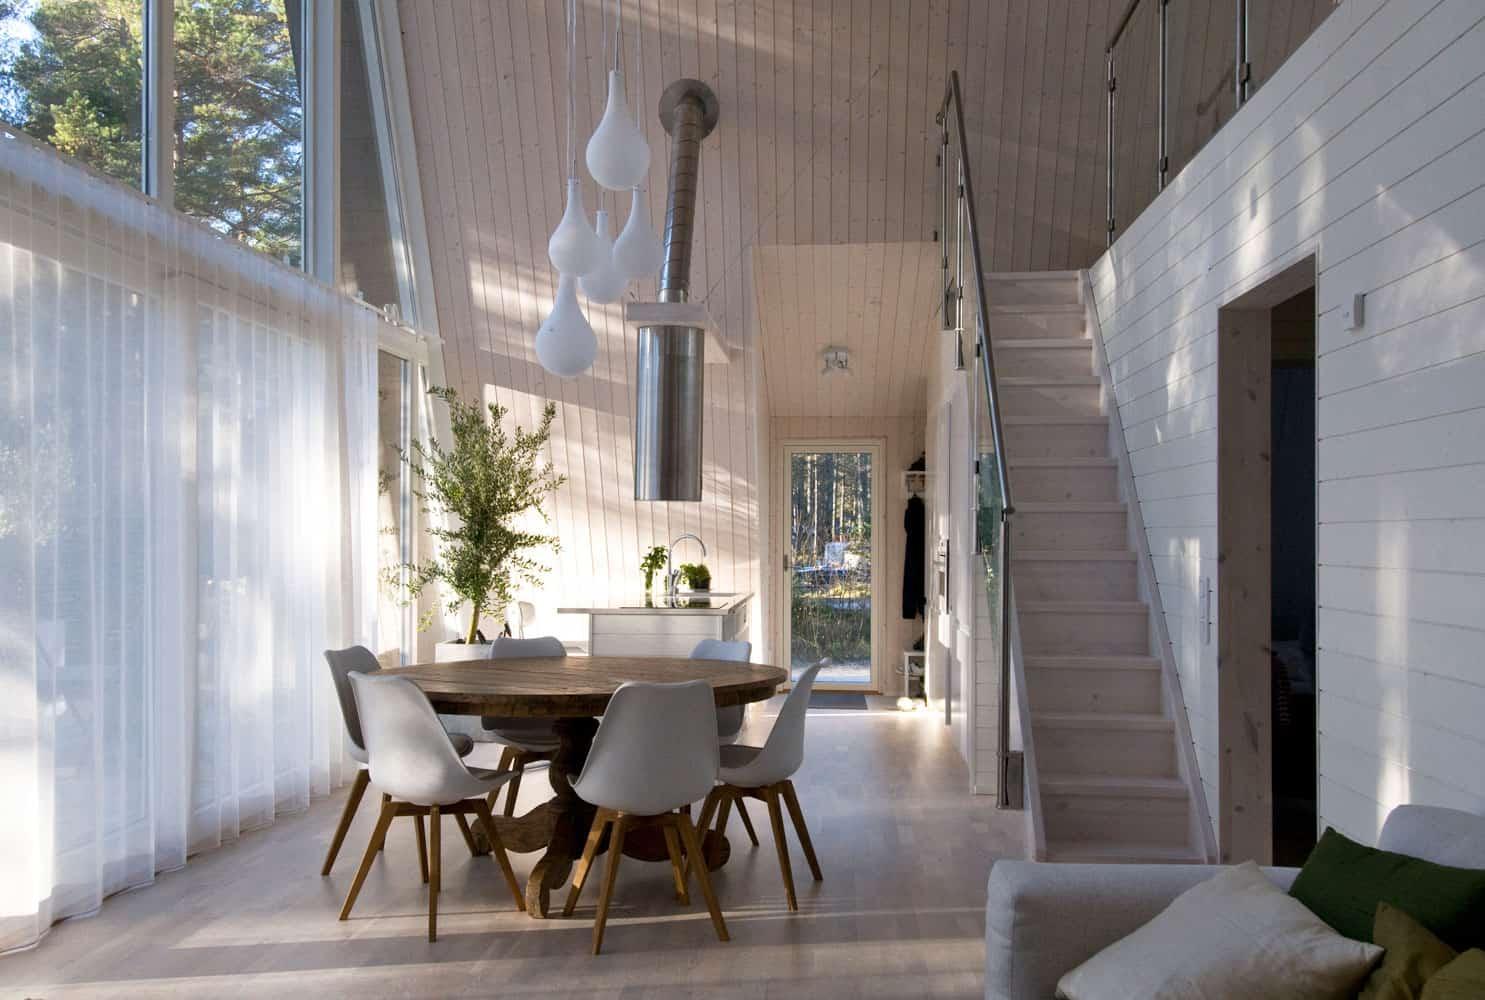 Lodge No 2 by Mats Edlund & Henrietta Palmer